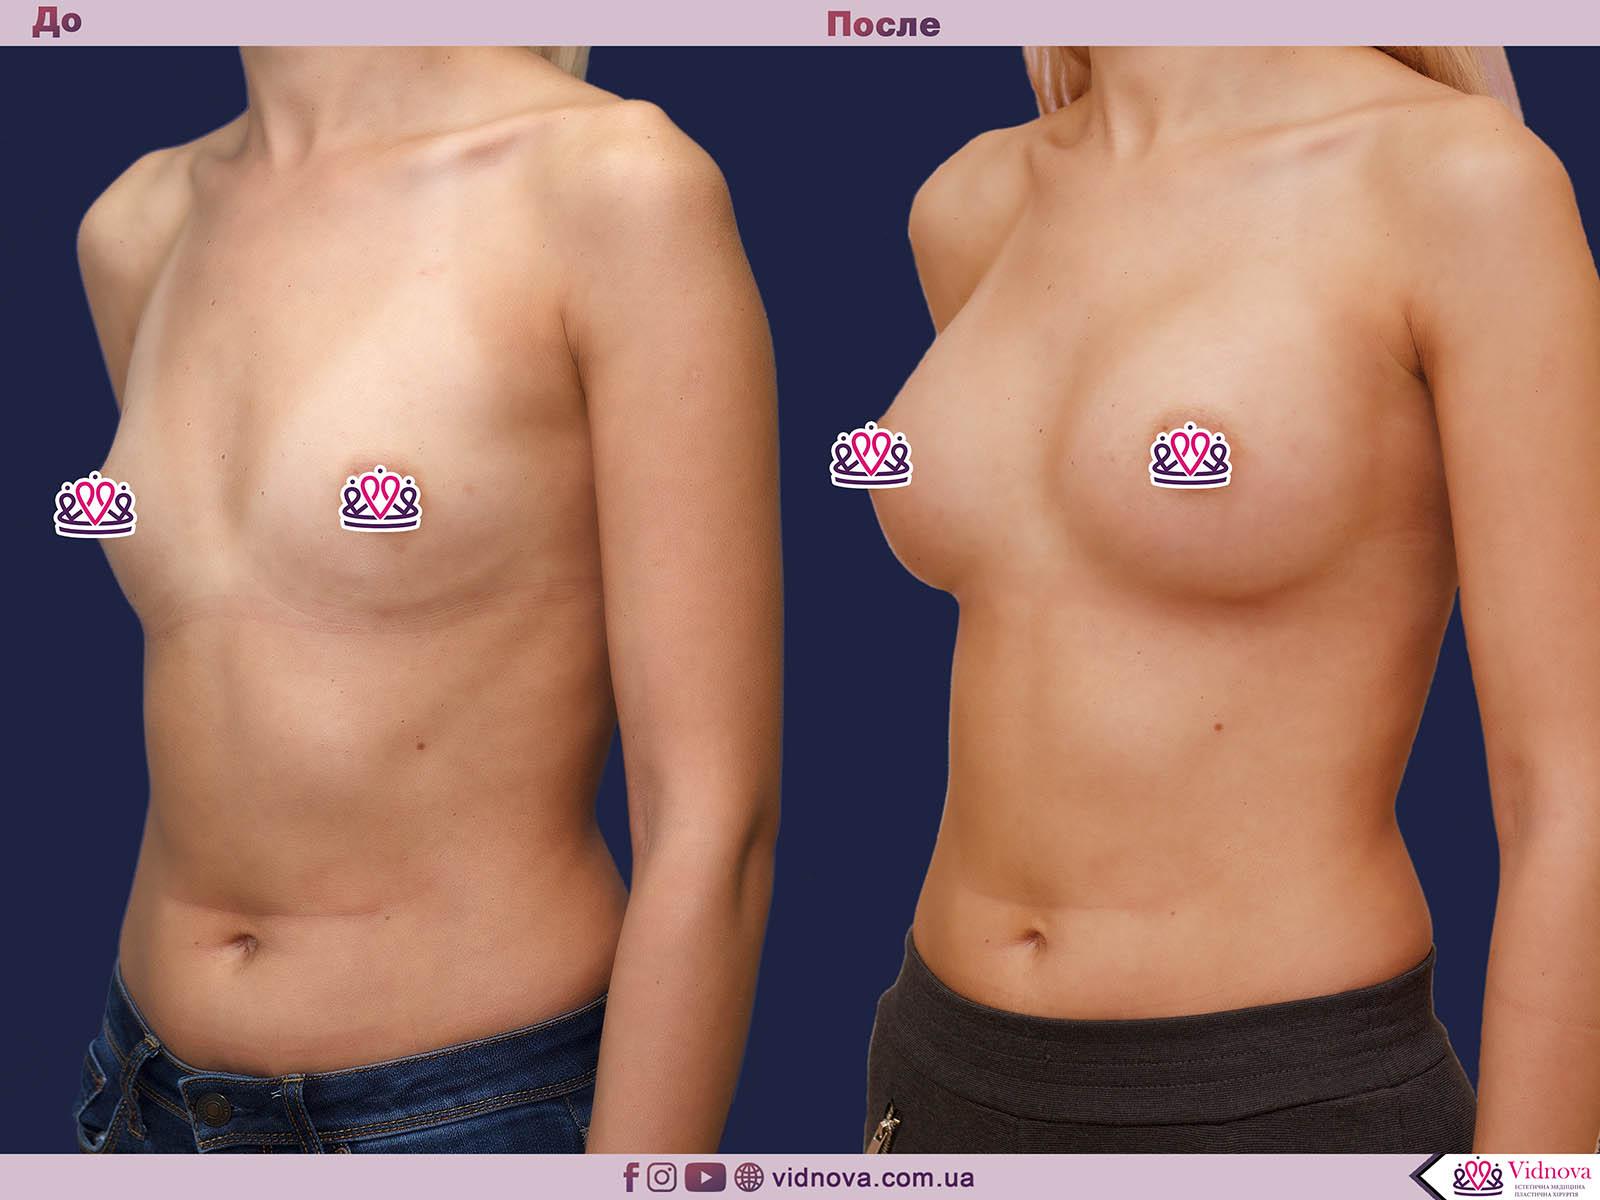 Пластика груди: результаты до и после - Пример №24-1 - Светлана Работенко